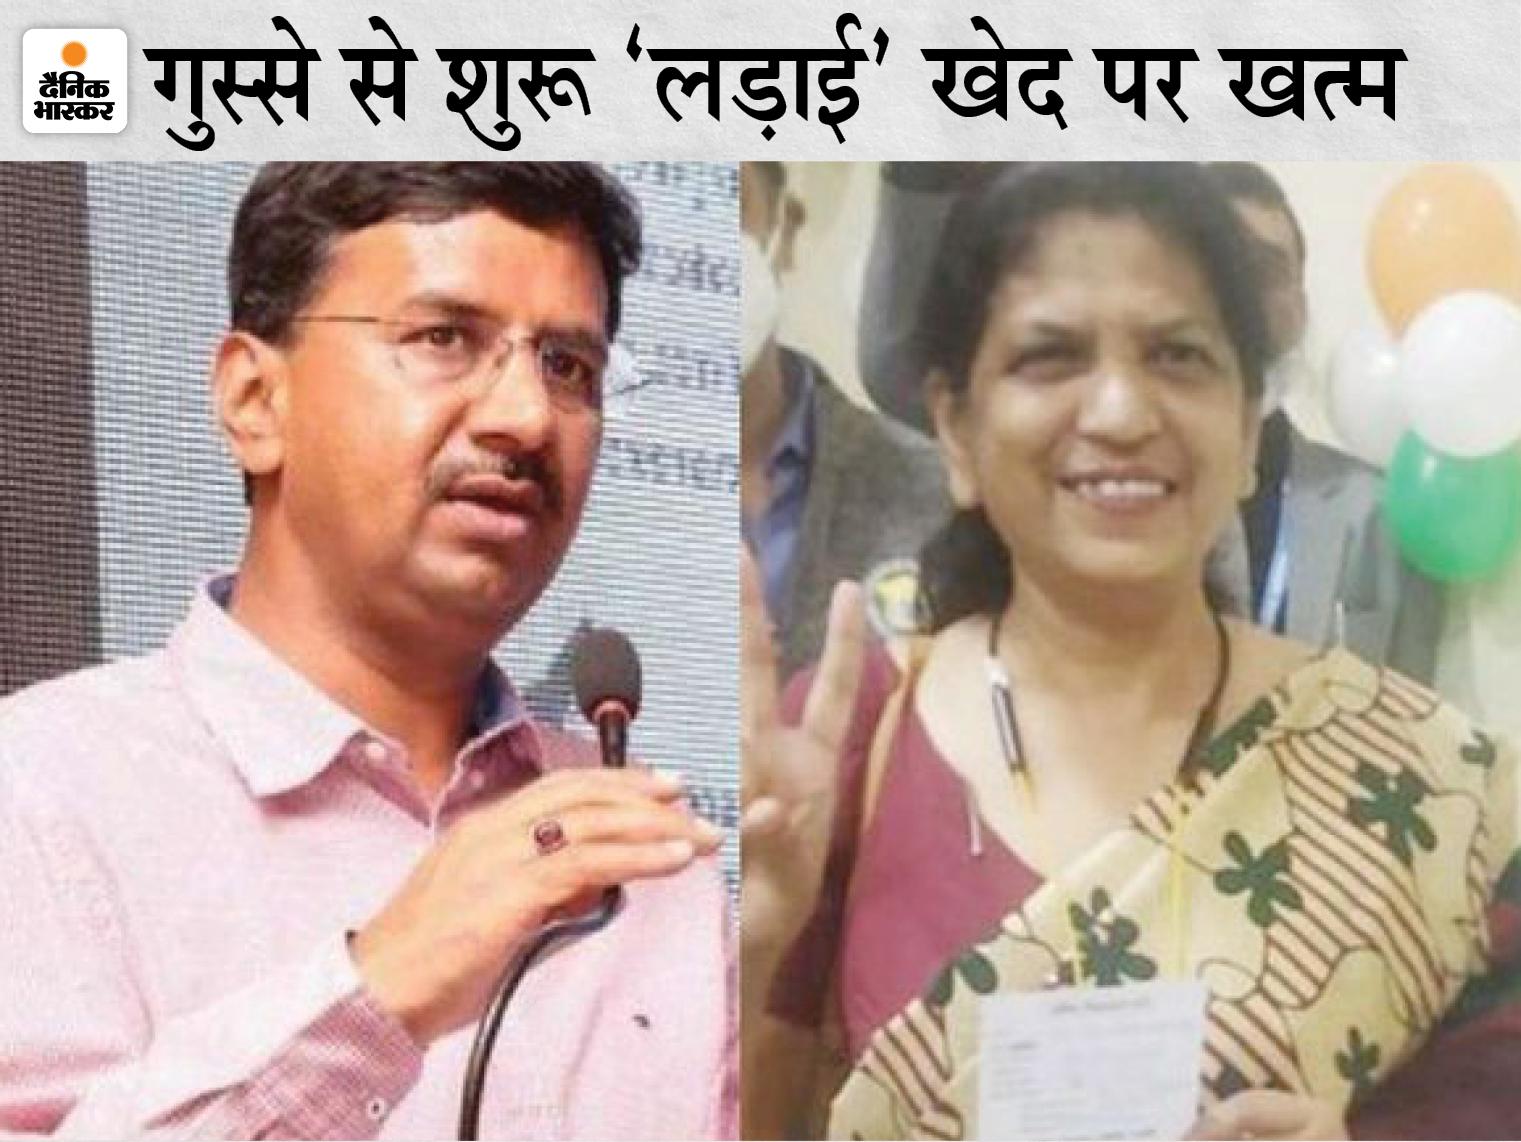 सामूहिक इस्तीफे की चेतावनी के बाद अंतत: कलेक्टर को झुकना पड़ा; बोले- डॉ. पूर्णिमा अच्छा काम करती हैं, मेरी बात बुरी लगी तो खेद जताता हूं मध्य प्रदेश,Madhya Pradesh - Dainik Bhaskar